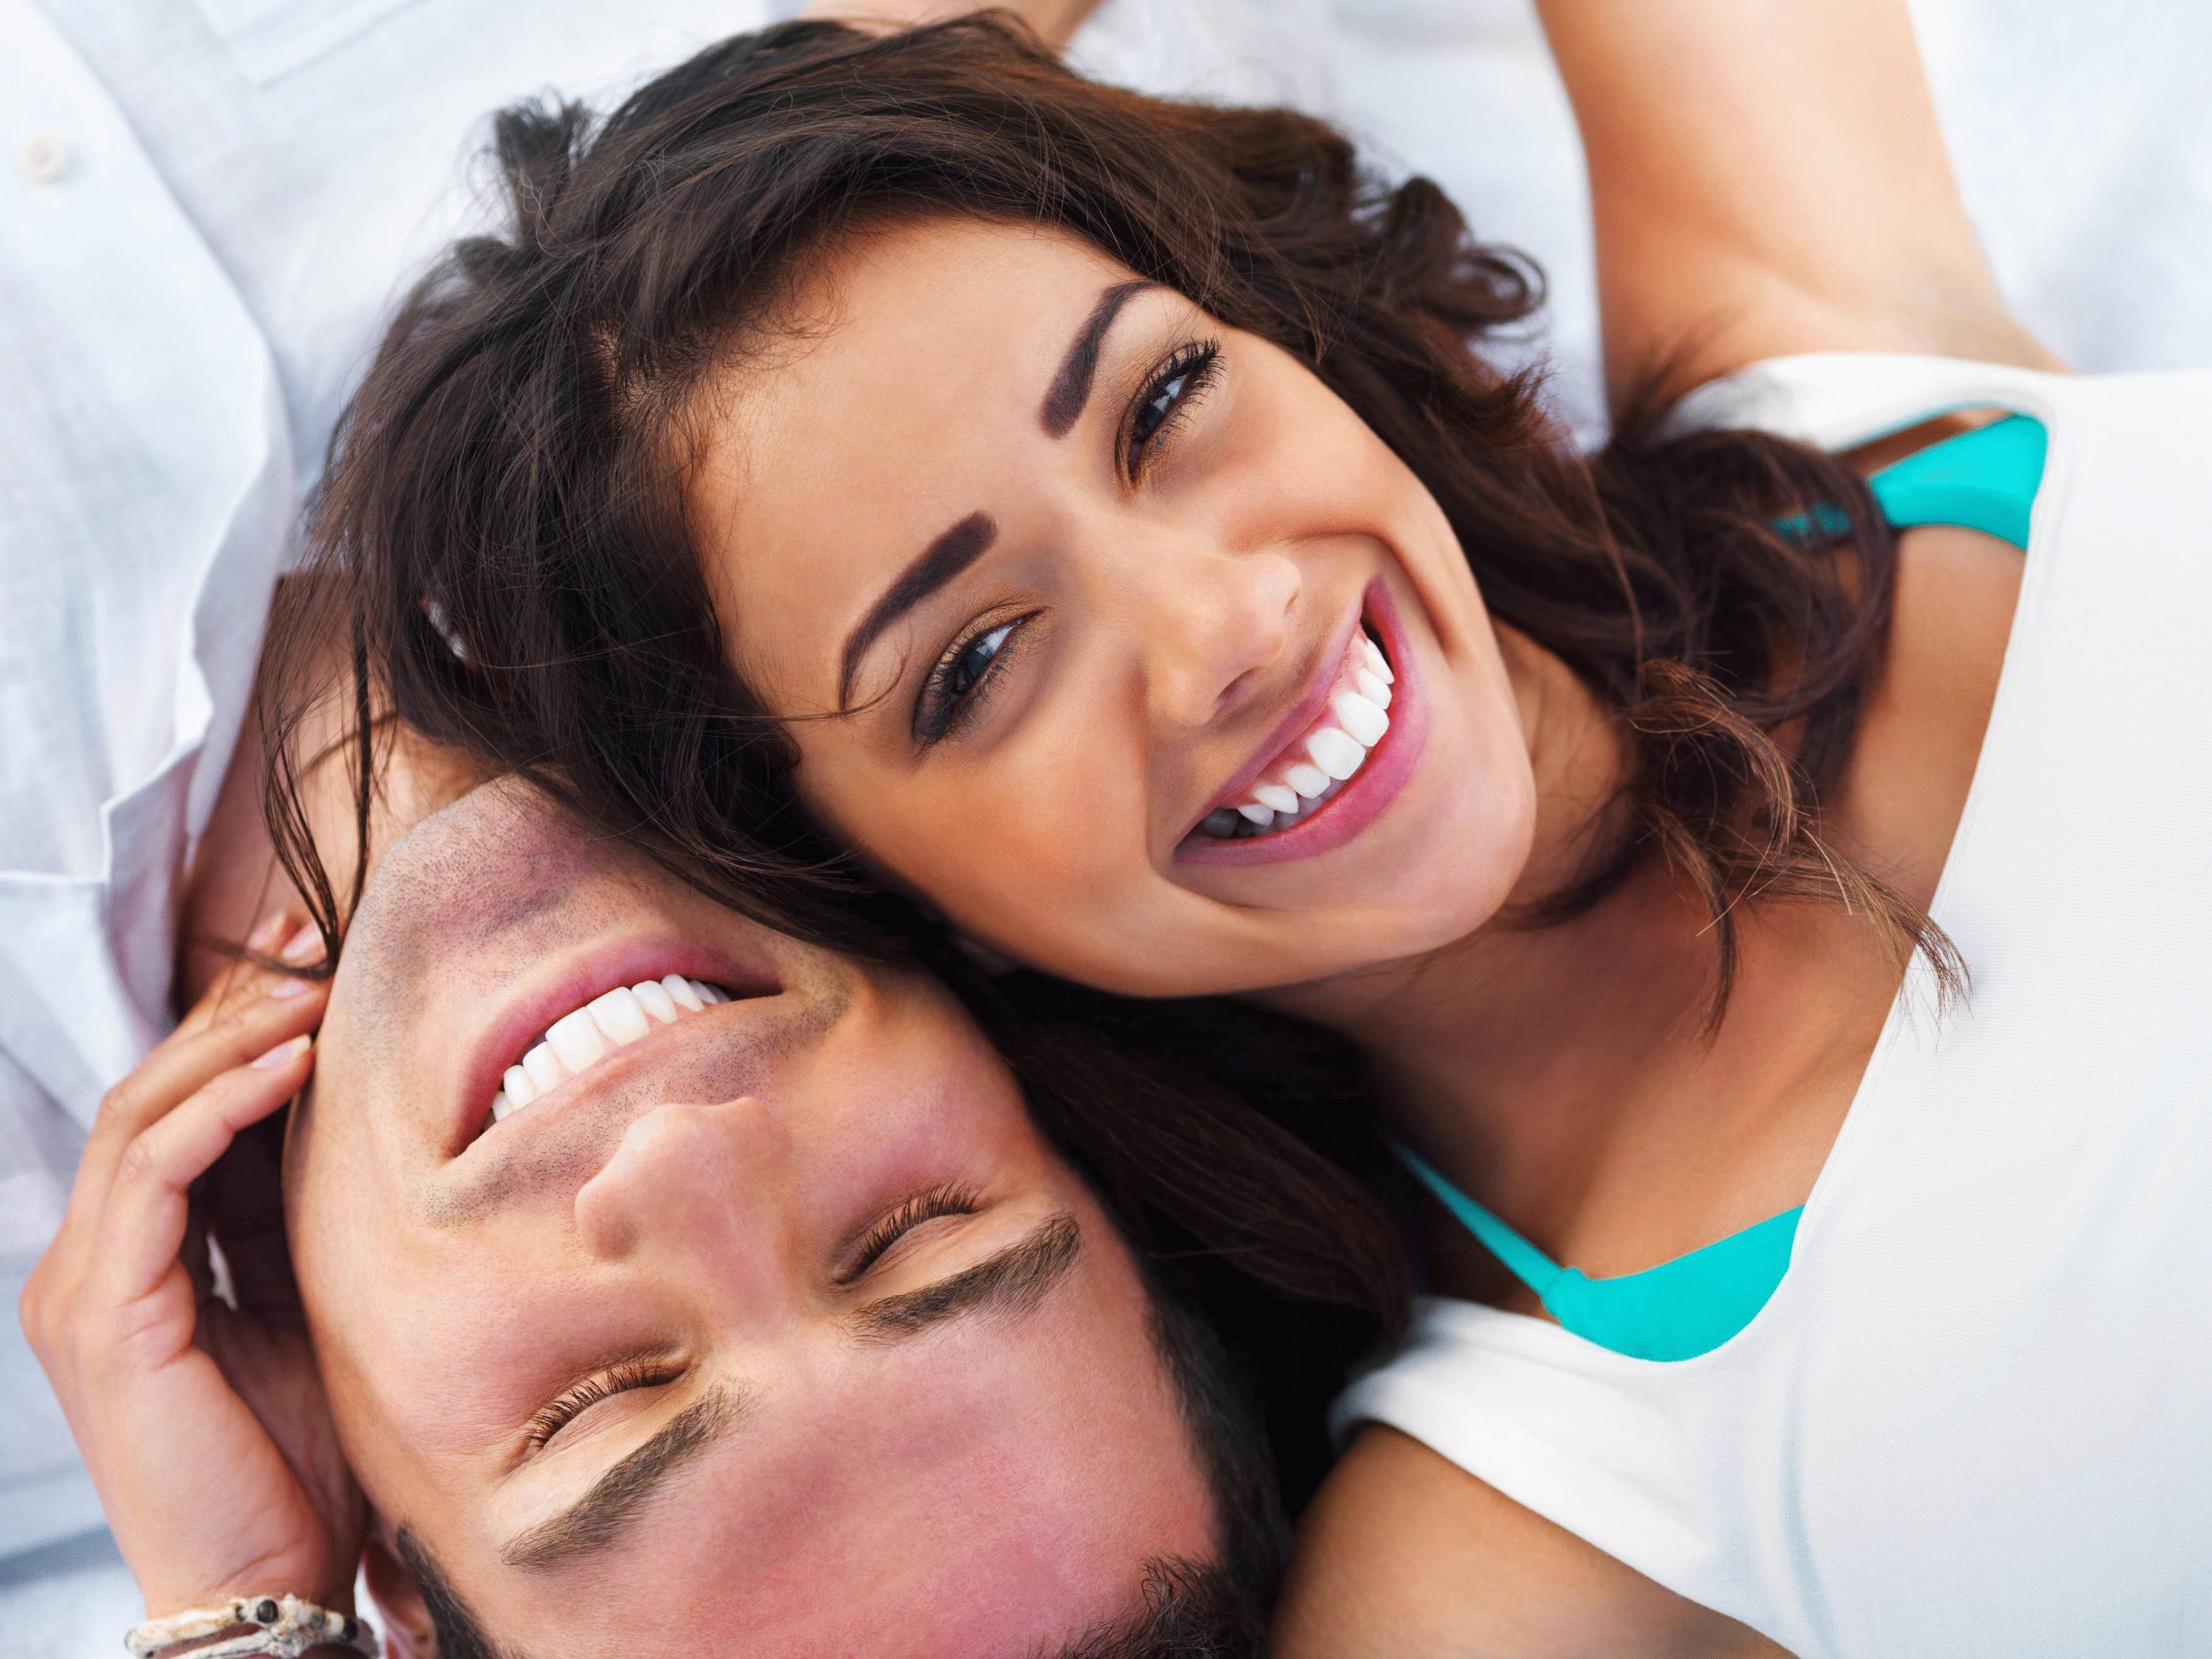 Знакомства красивая улыбка эффективного для ли нужна